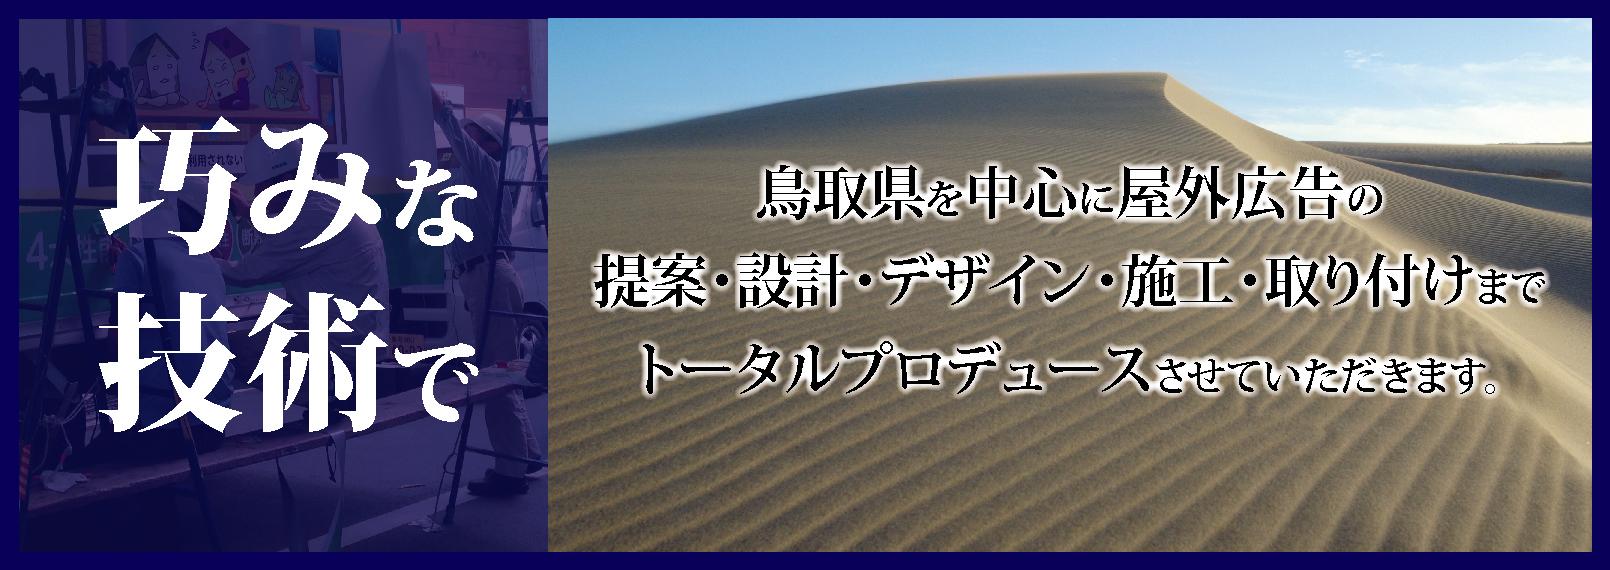 鳥取市看板巧広告.jpg